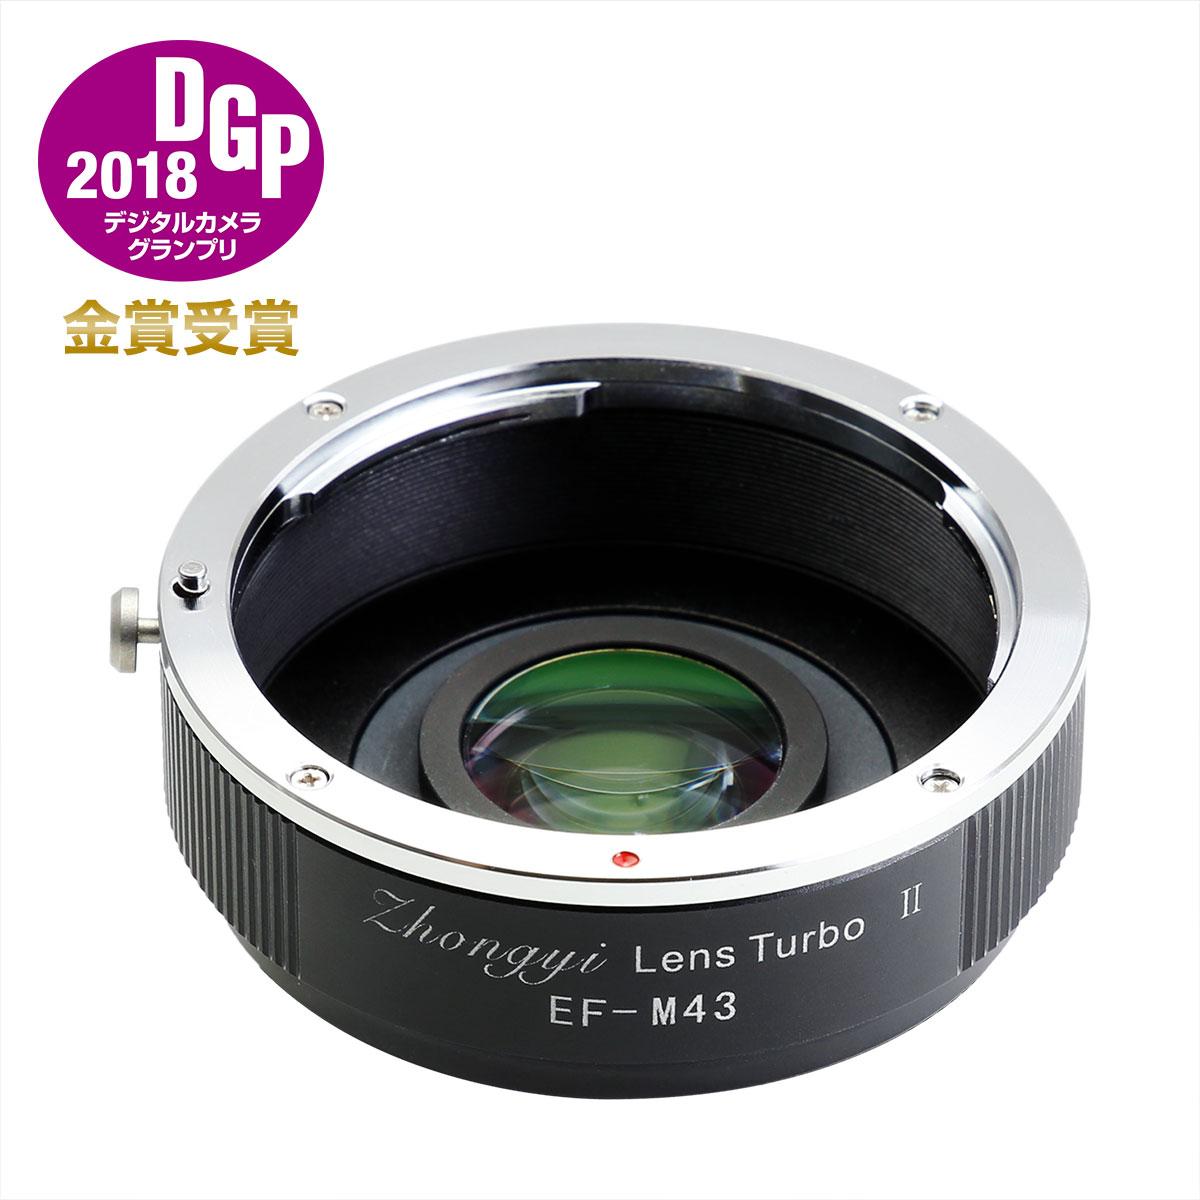 中一光学 Lens Turbo II EF-m4/3 キヤノンEFマウントレンズ - マイクロフォーサーズマウント フォーカルレデューサーアダプター